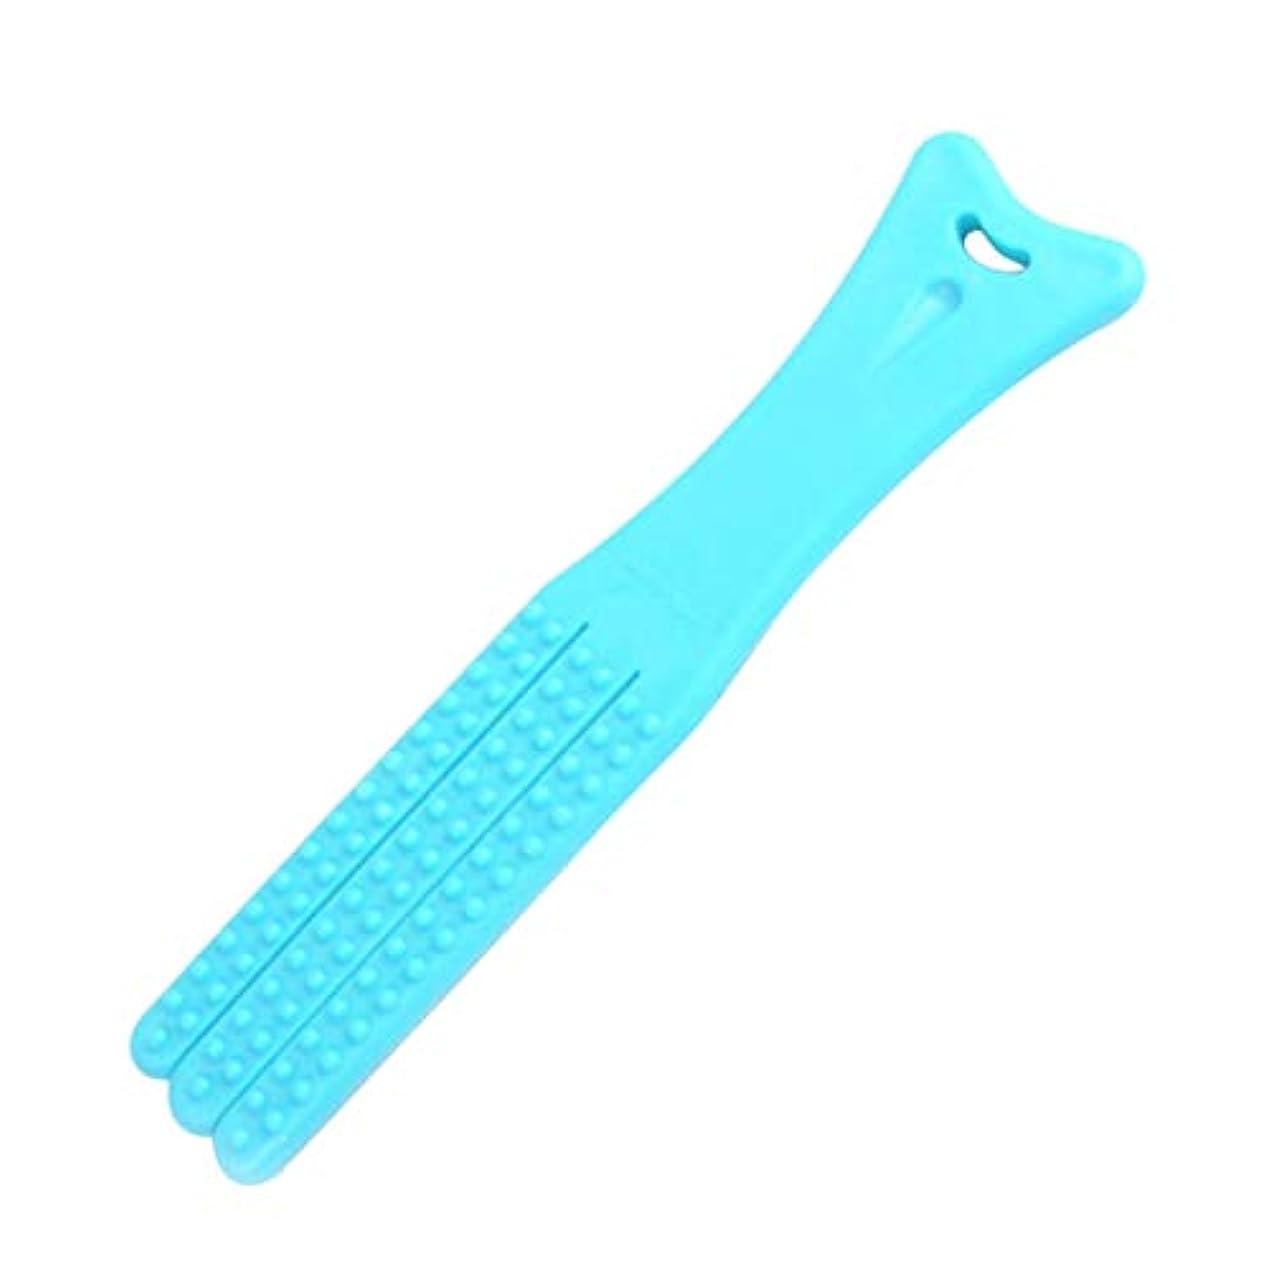 赤字貼り直す再びPerfeclan ボディマッサージ ハンマーノック ツボ押しハンマー 健康マッサージ 筋肉 ストレス解消 全2色 - 青